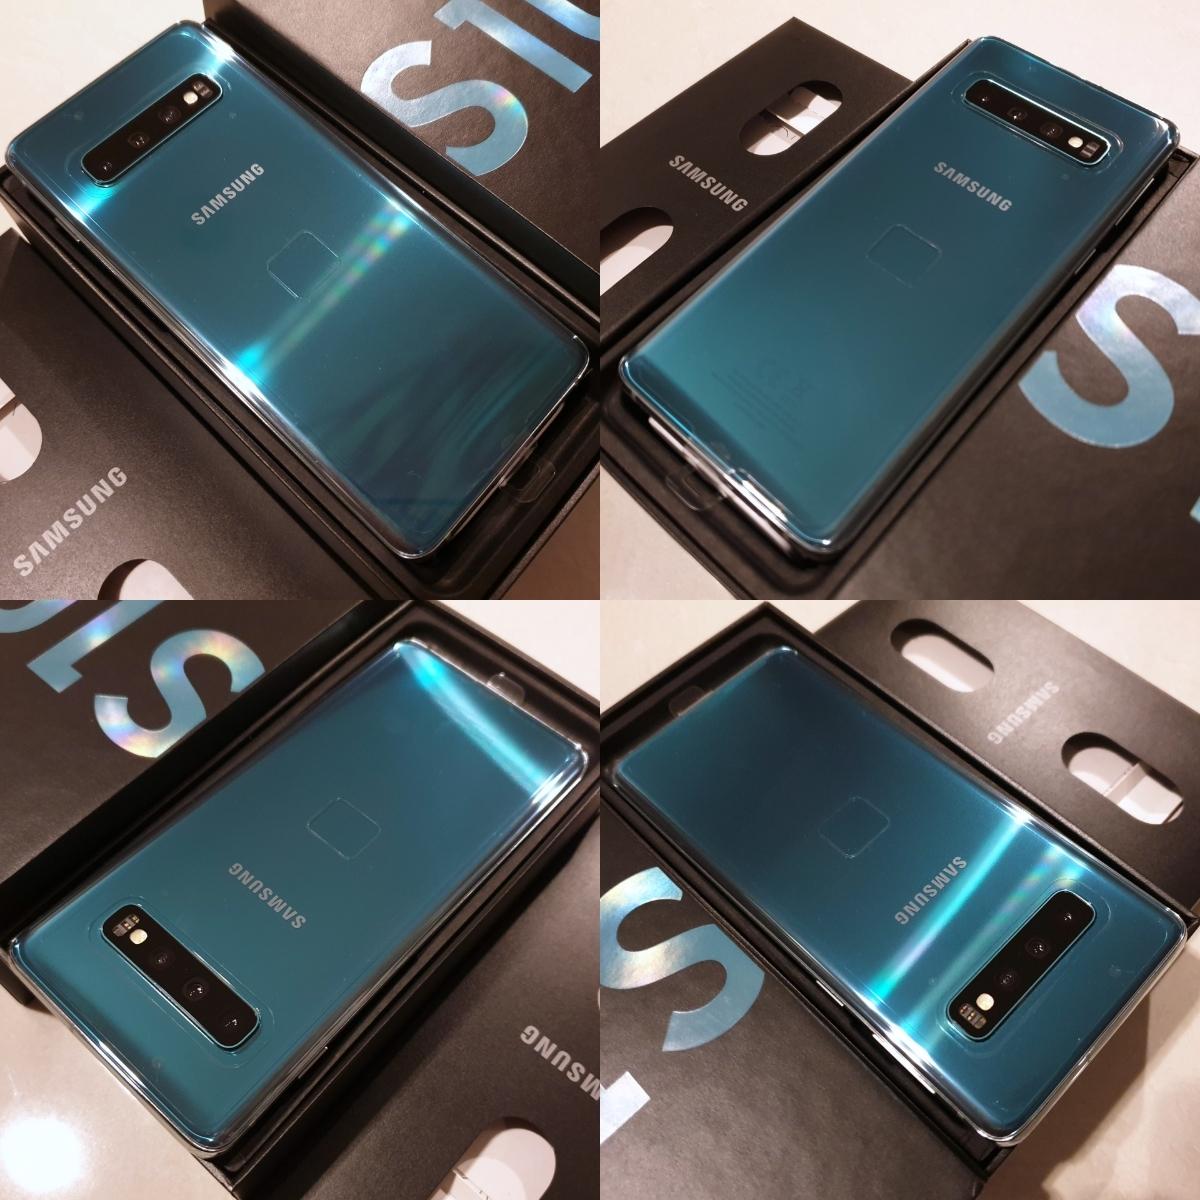 日本未発売 レア色 新品 未使用 グローバル版 simフリー Samsung Galaxy S10 SM-G973F/DS 128GB Dual Sim Prism Green プリズムグリーン_画像4